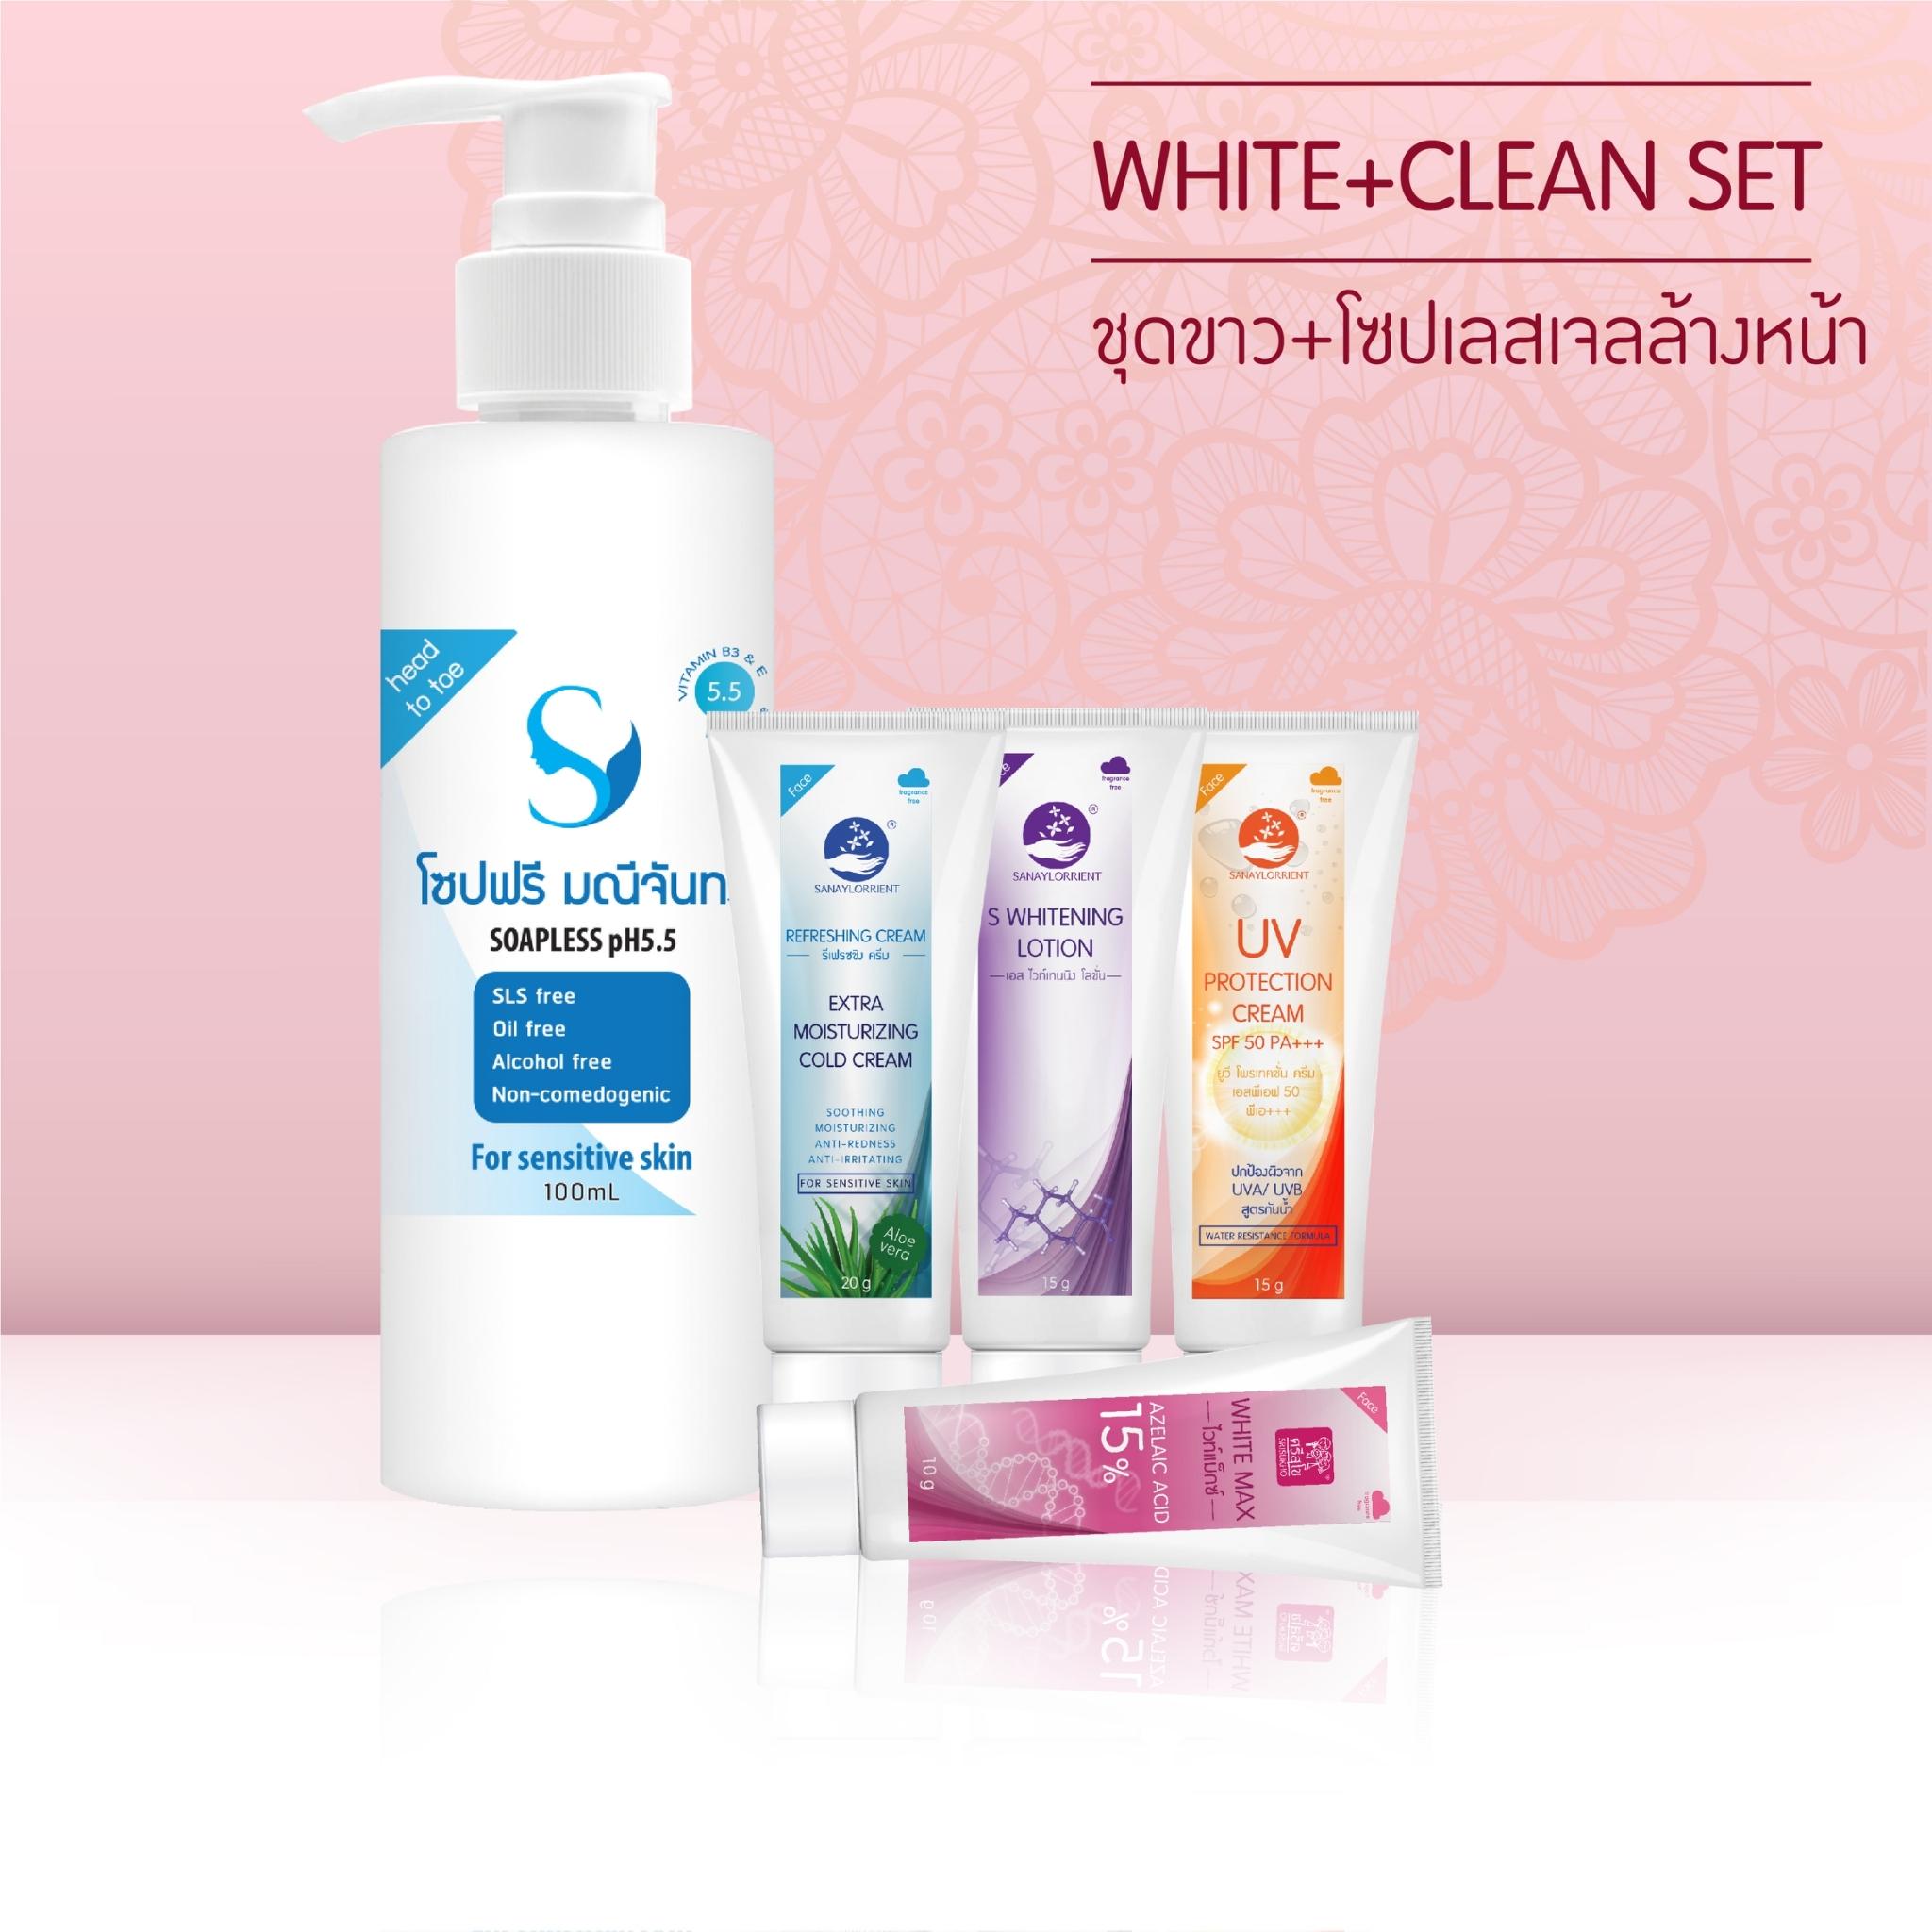 WHITE + CLEAN SET ชุดขาว + โซปเลสเจลล้างหน้า